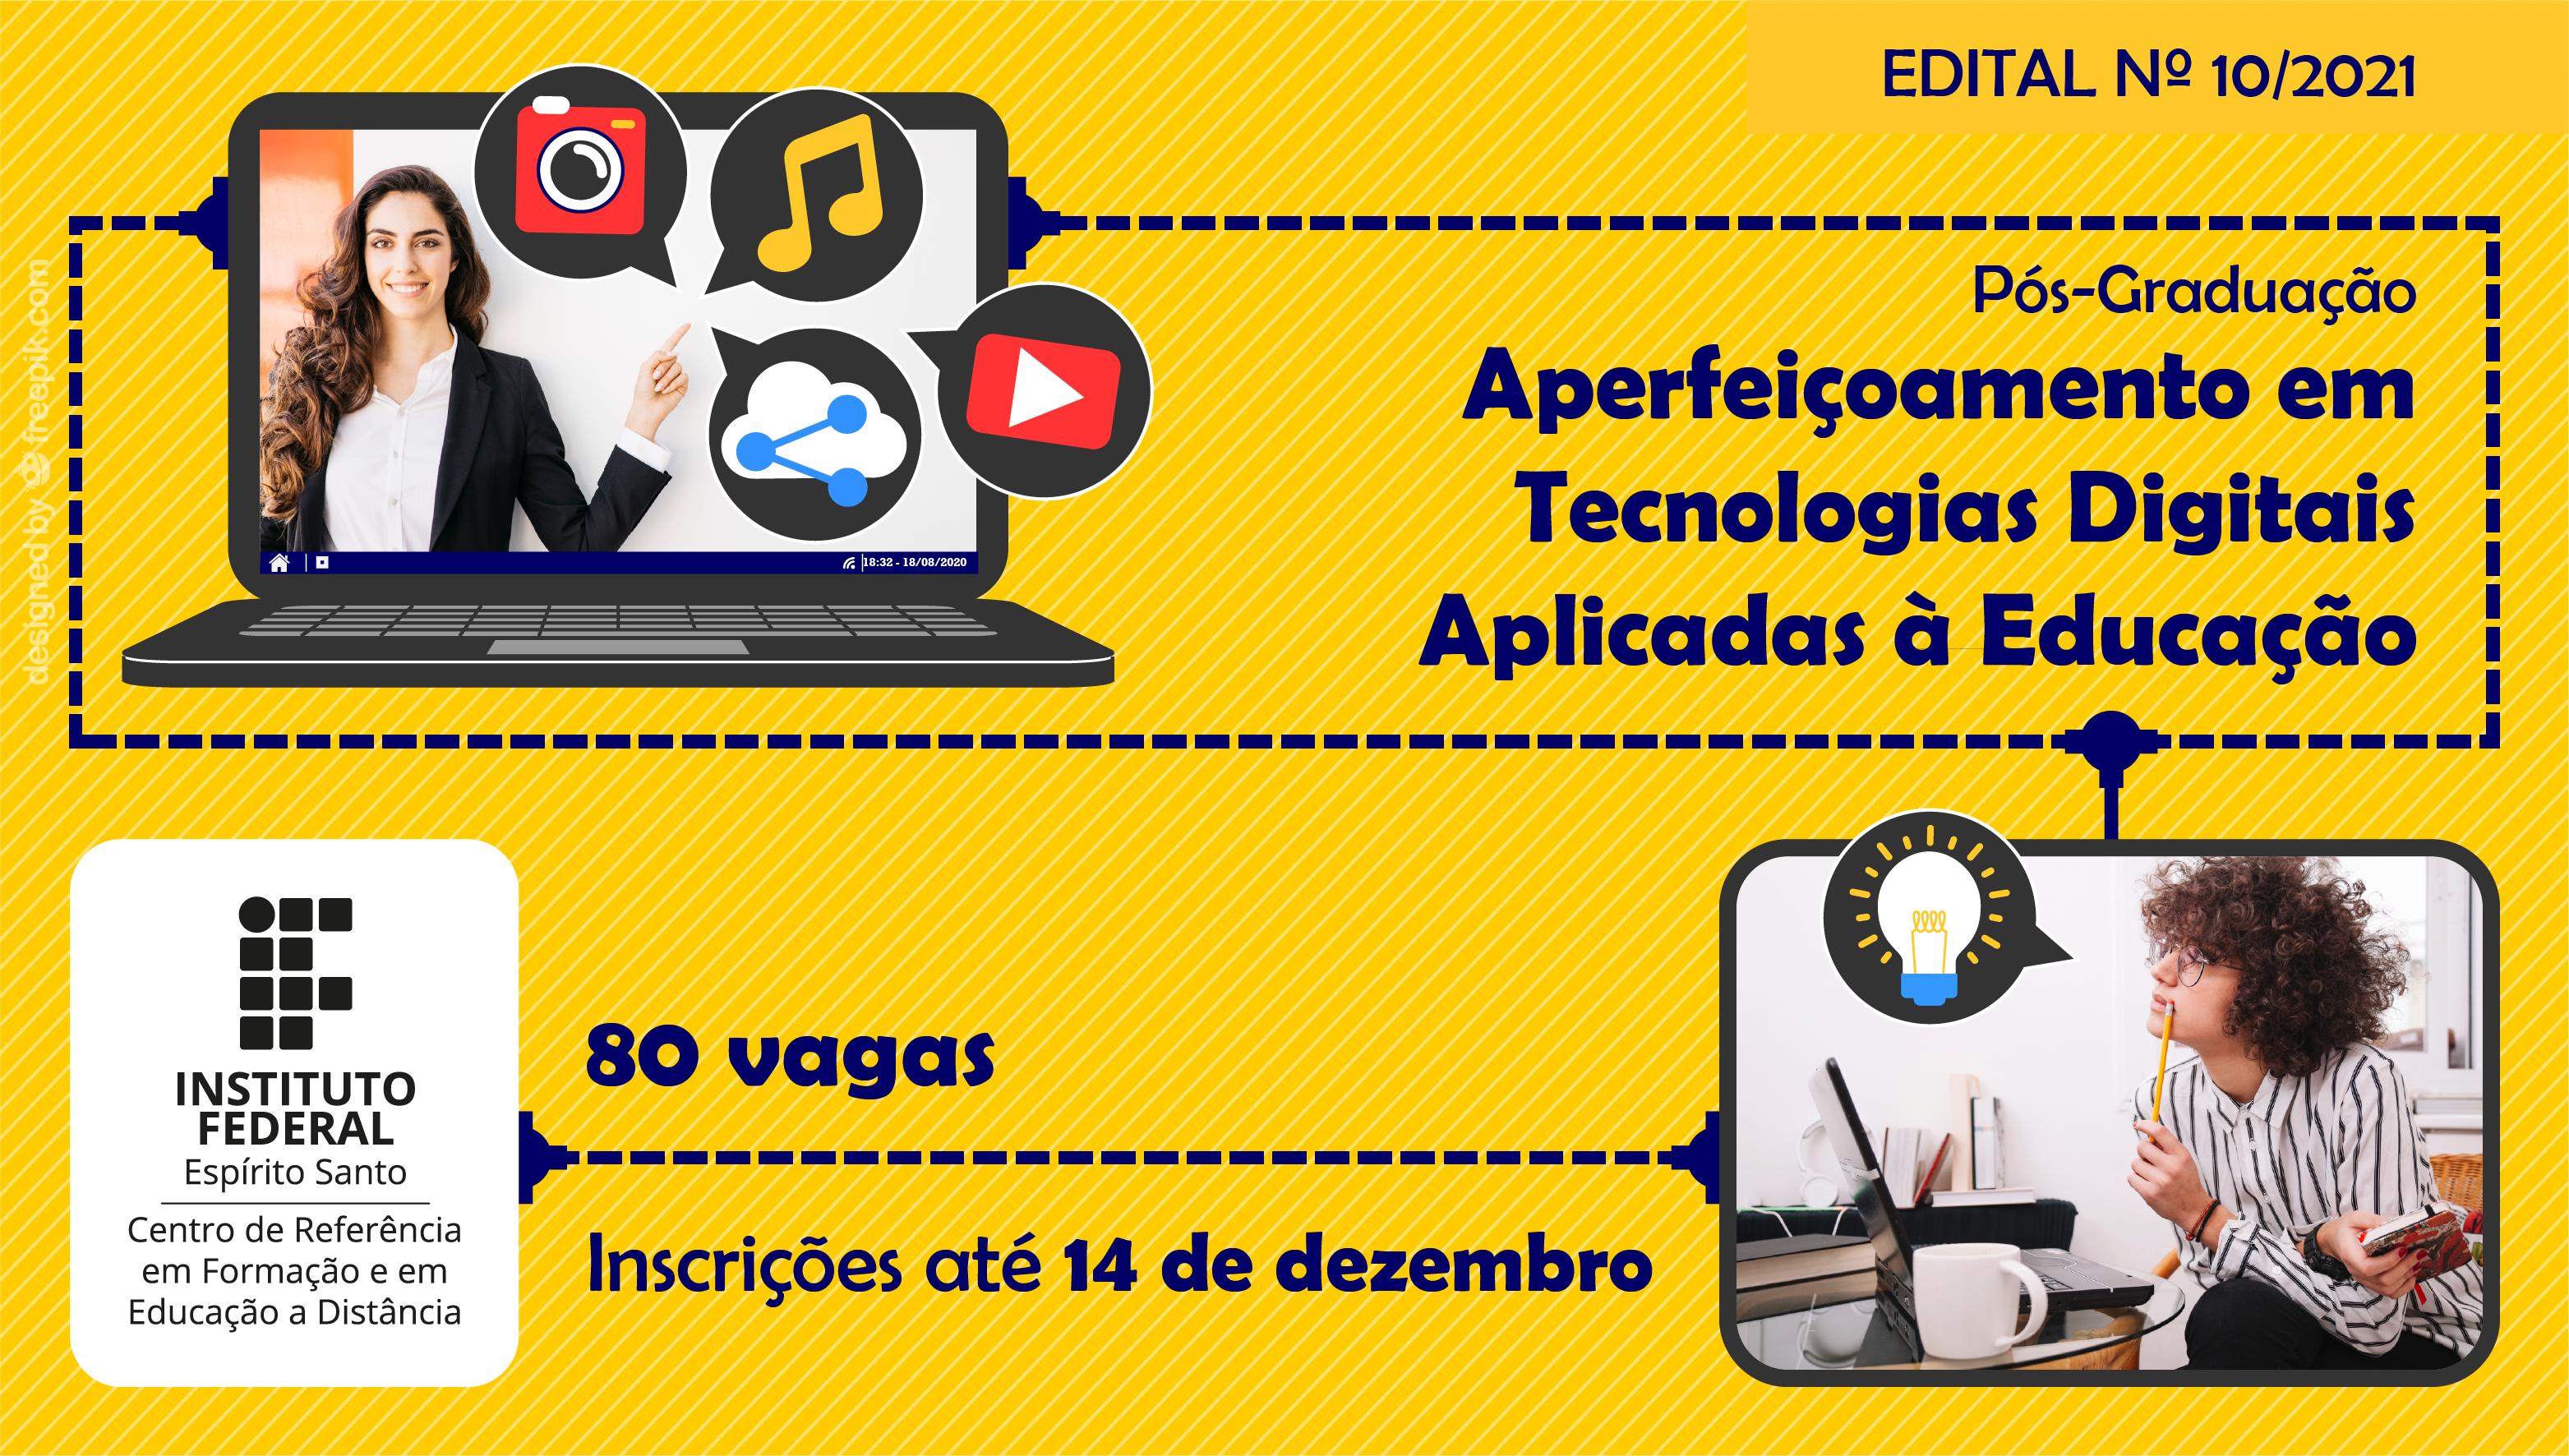 Edital 10/2021 - Edital unificado para oferta de vagas em cursos de pós-graduação aperfeiçoamento do Cefor